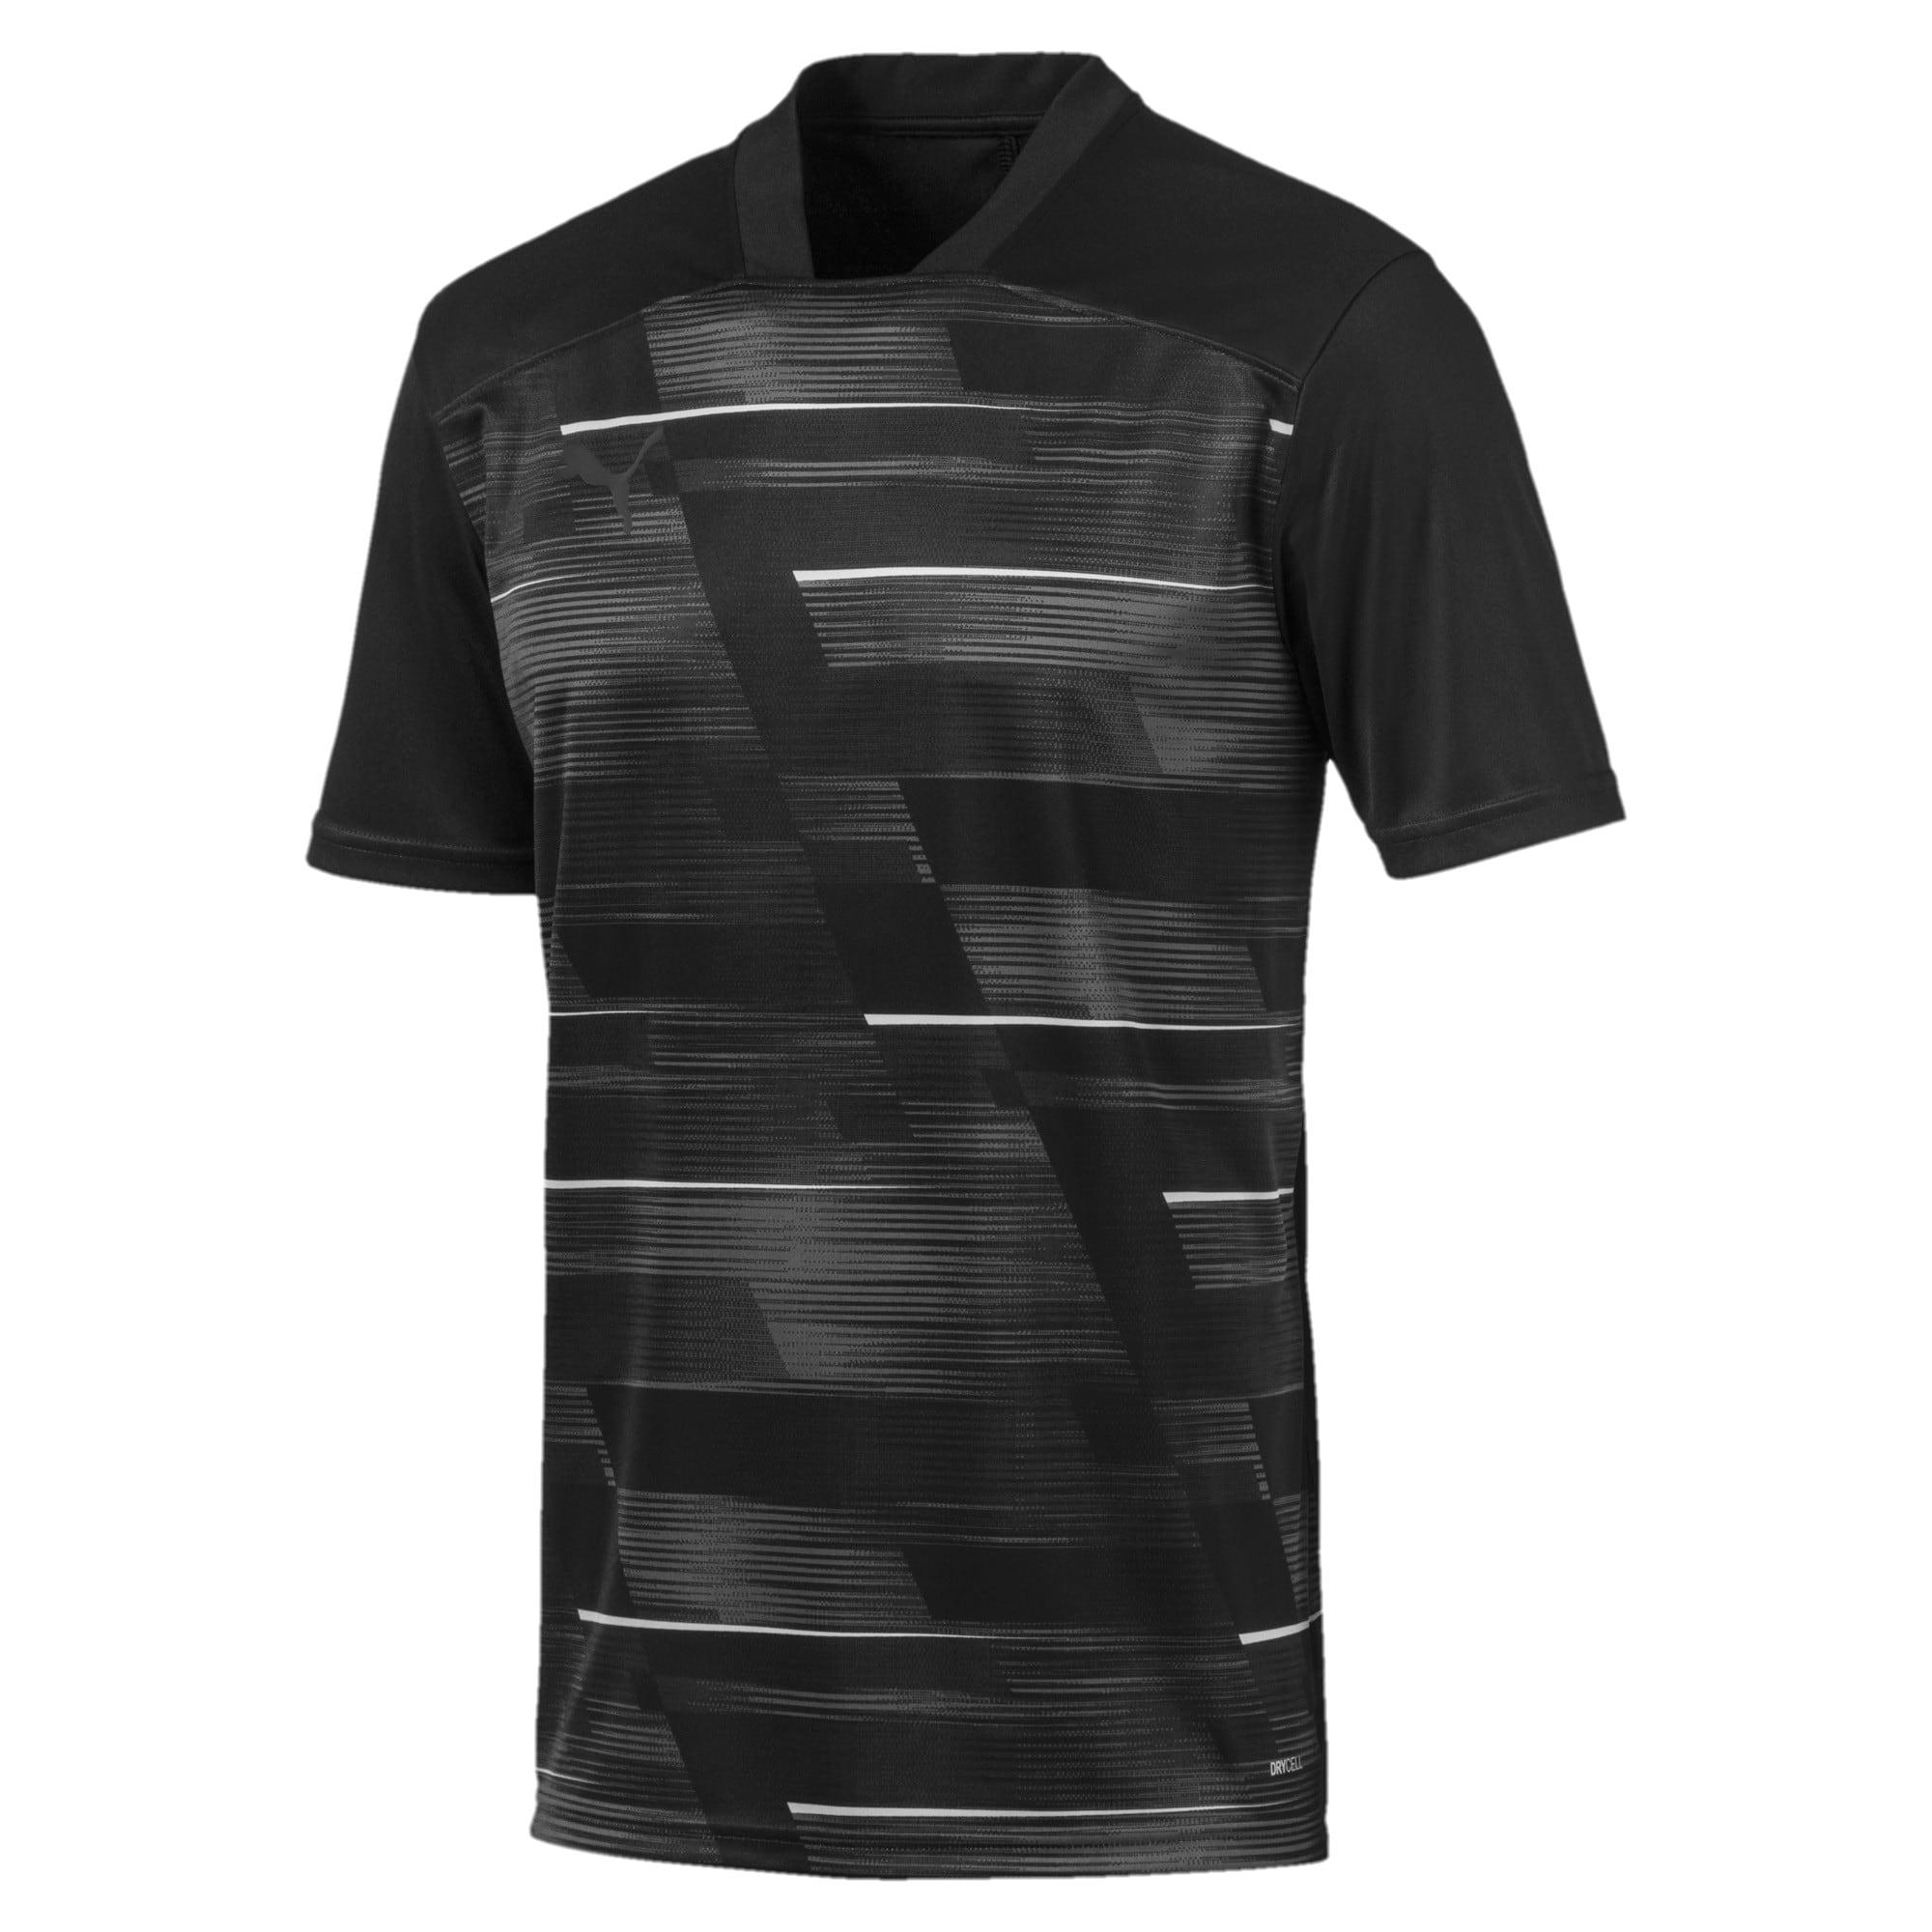 Miniatura 1 de Camiseta estampada ftblNXT para hombre, Puma Black-Phantom Black, mediano